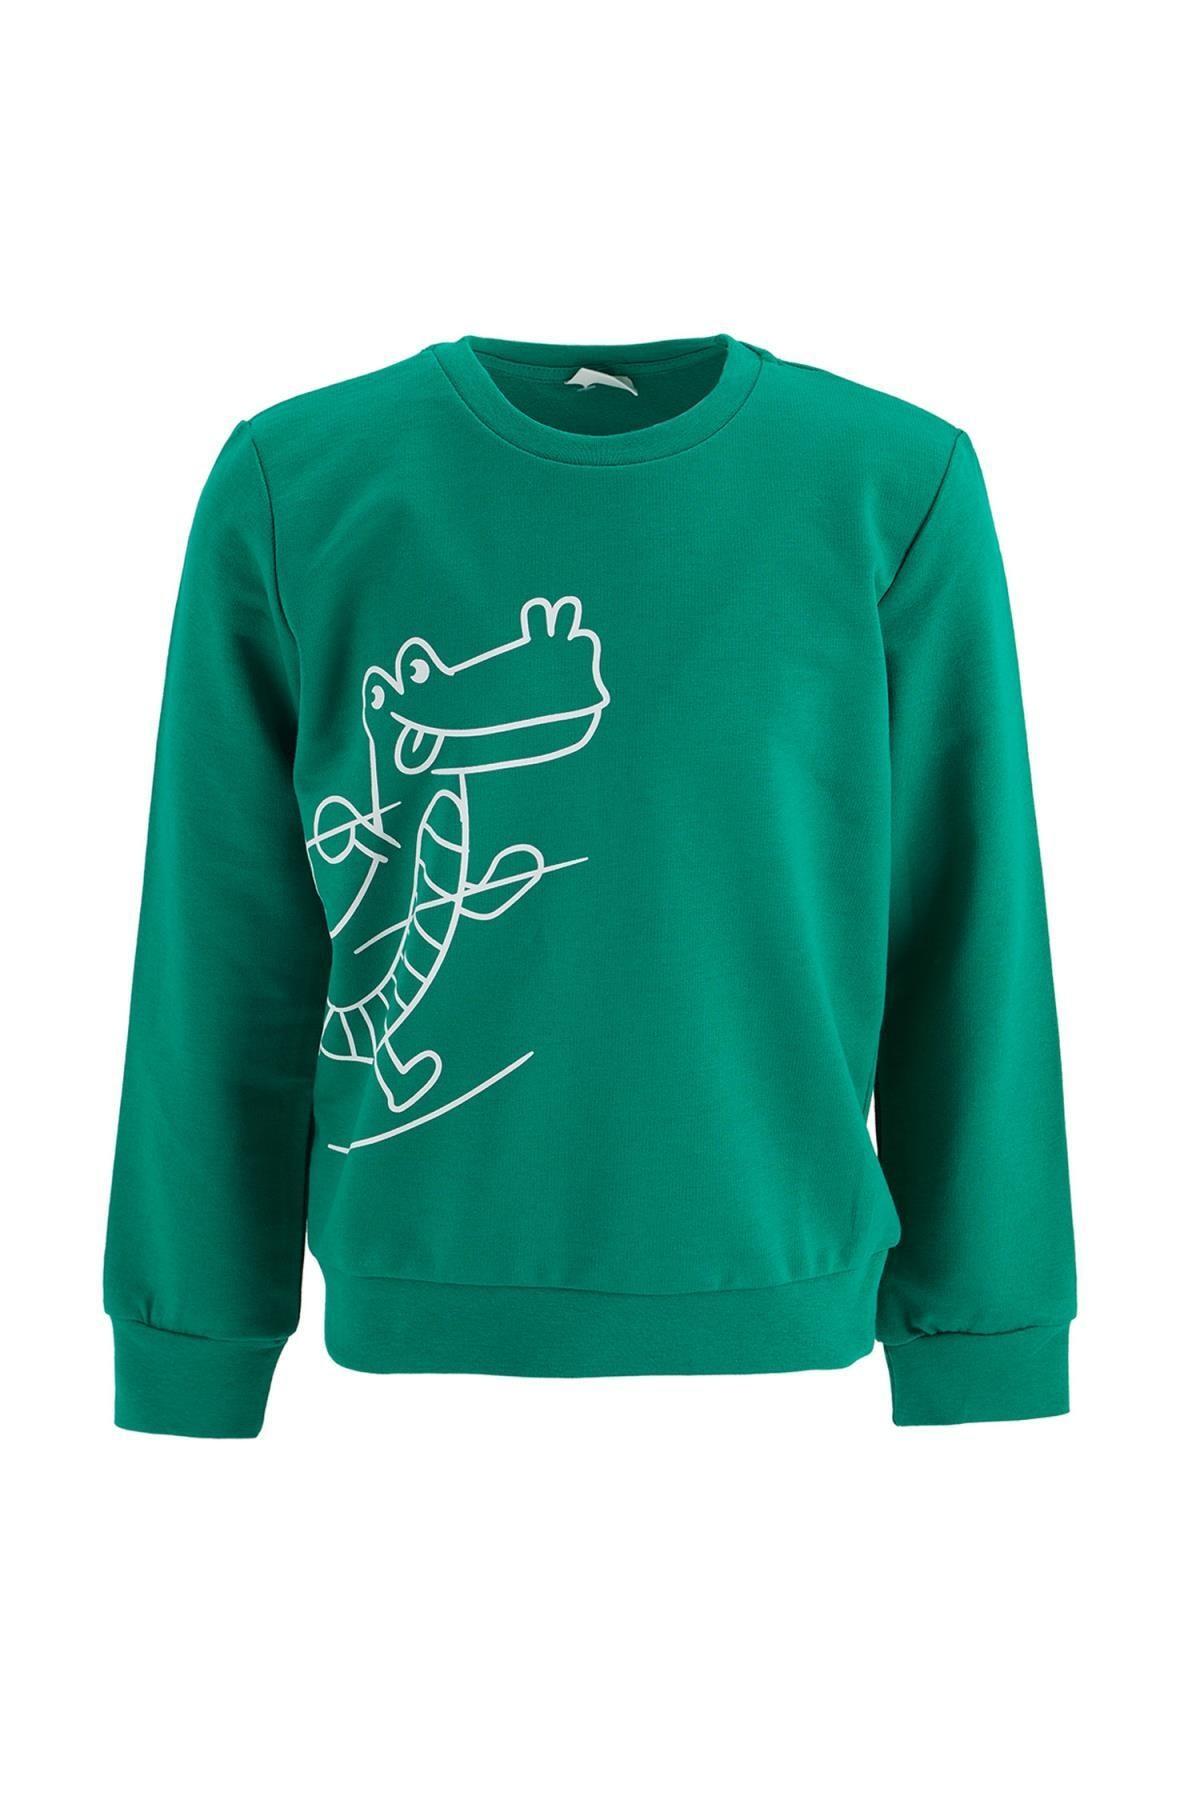 DeFacto Erkek Çocuk Yeşil Timsah Baskılı Sweatshirt